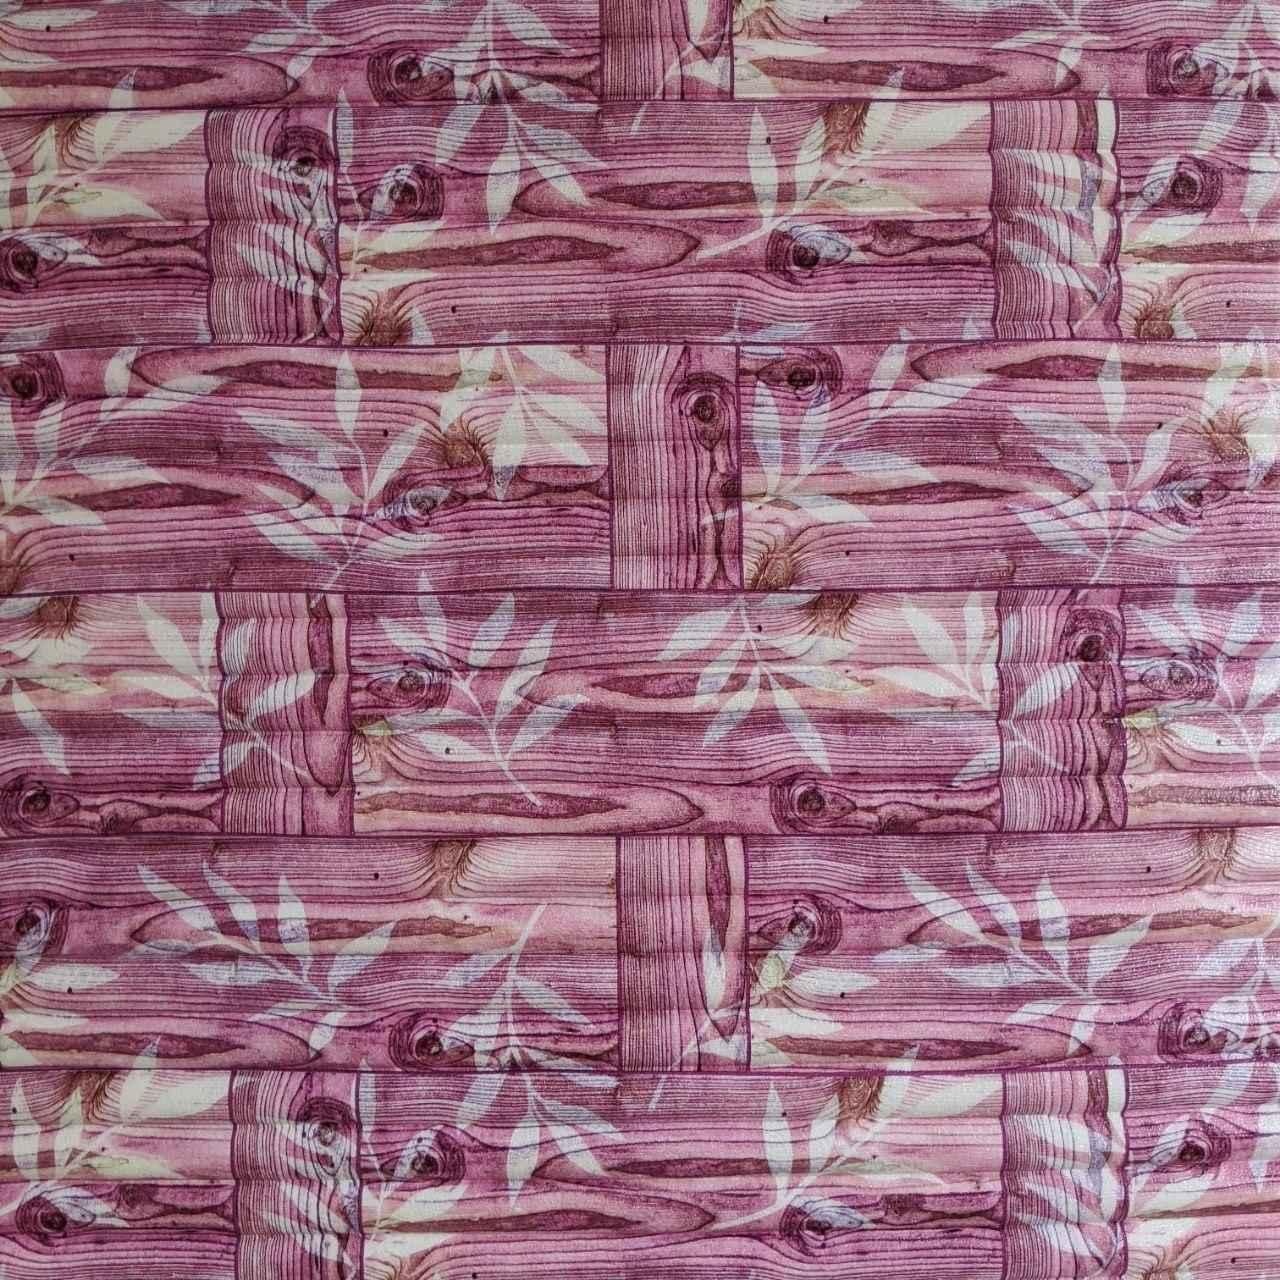 Самоклеящаяся декоративная 3D панель бамбук кладка розовая 700x700x9 мм (самоклейка, Мягкие 3D Панели)